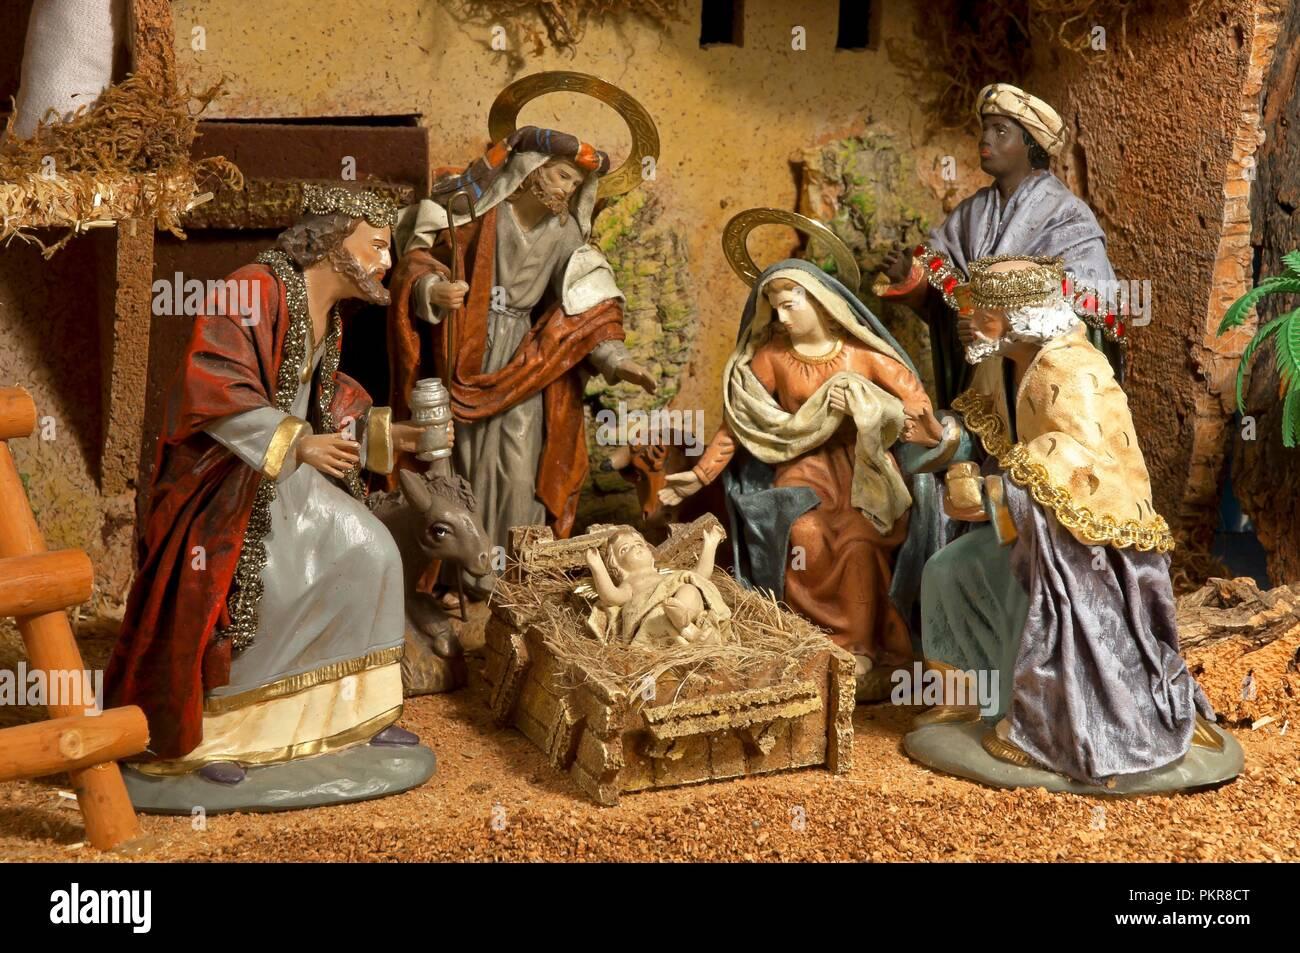 Fotos De Belenes En Espana.Belenes Y Reyes Magos Navidad Espana Europa Foto Imagen